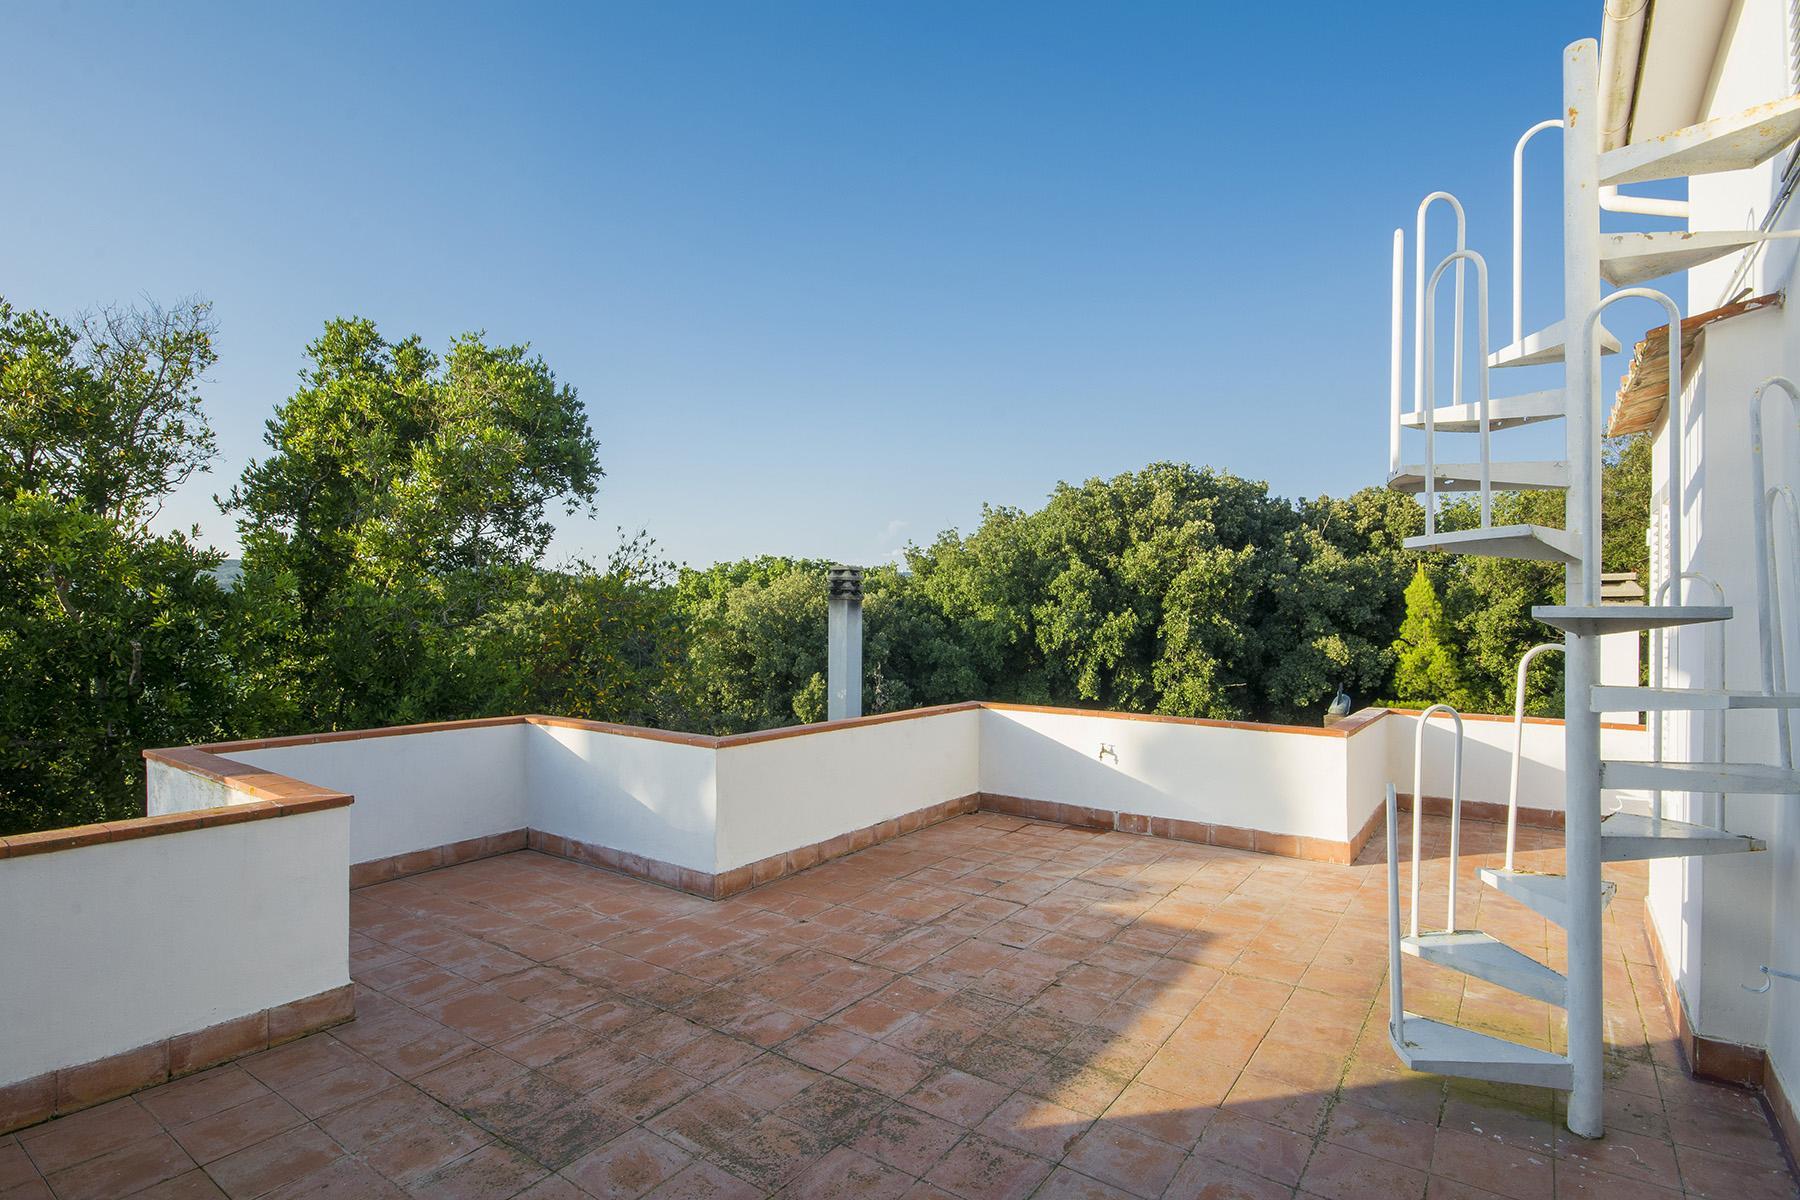 Wonderful villa with sea view close to Castiglioncello - 25